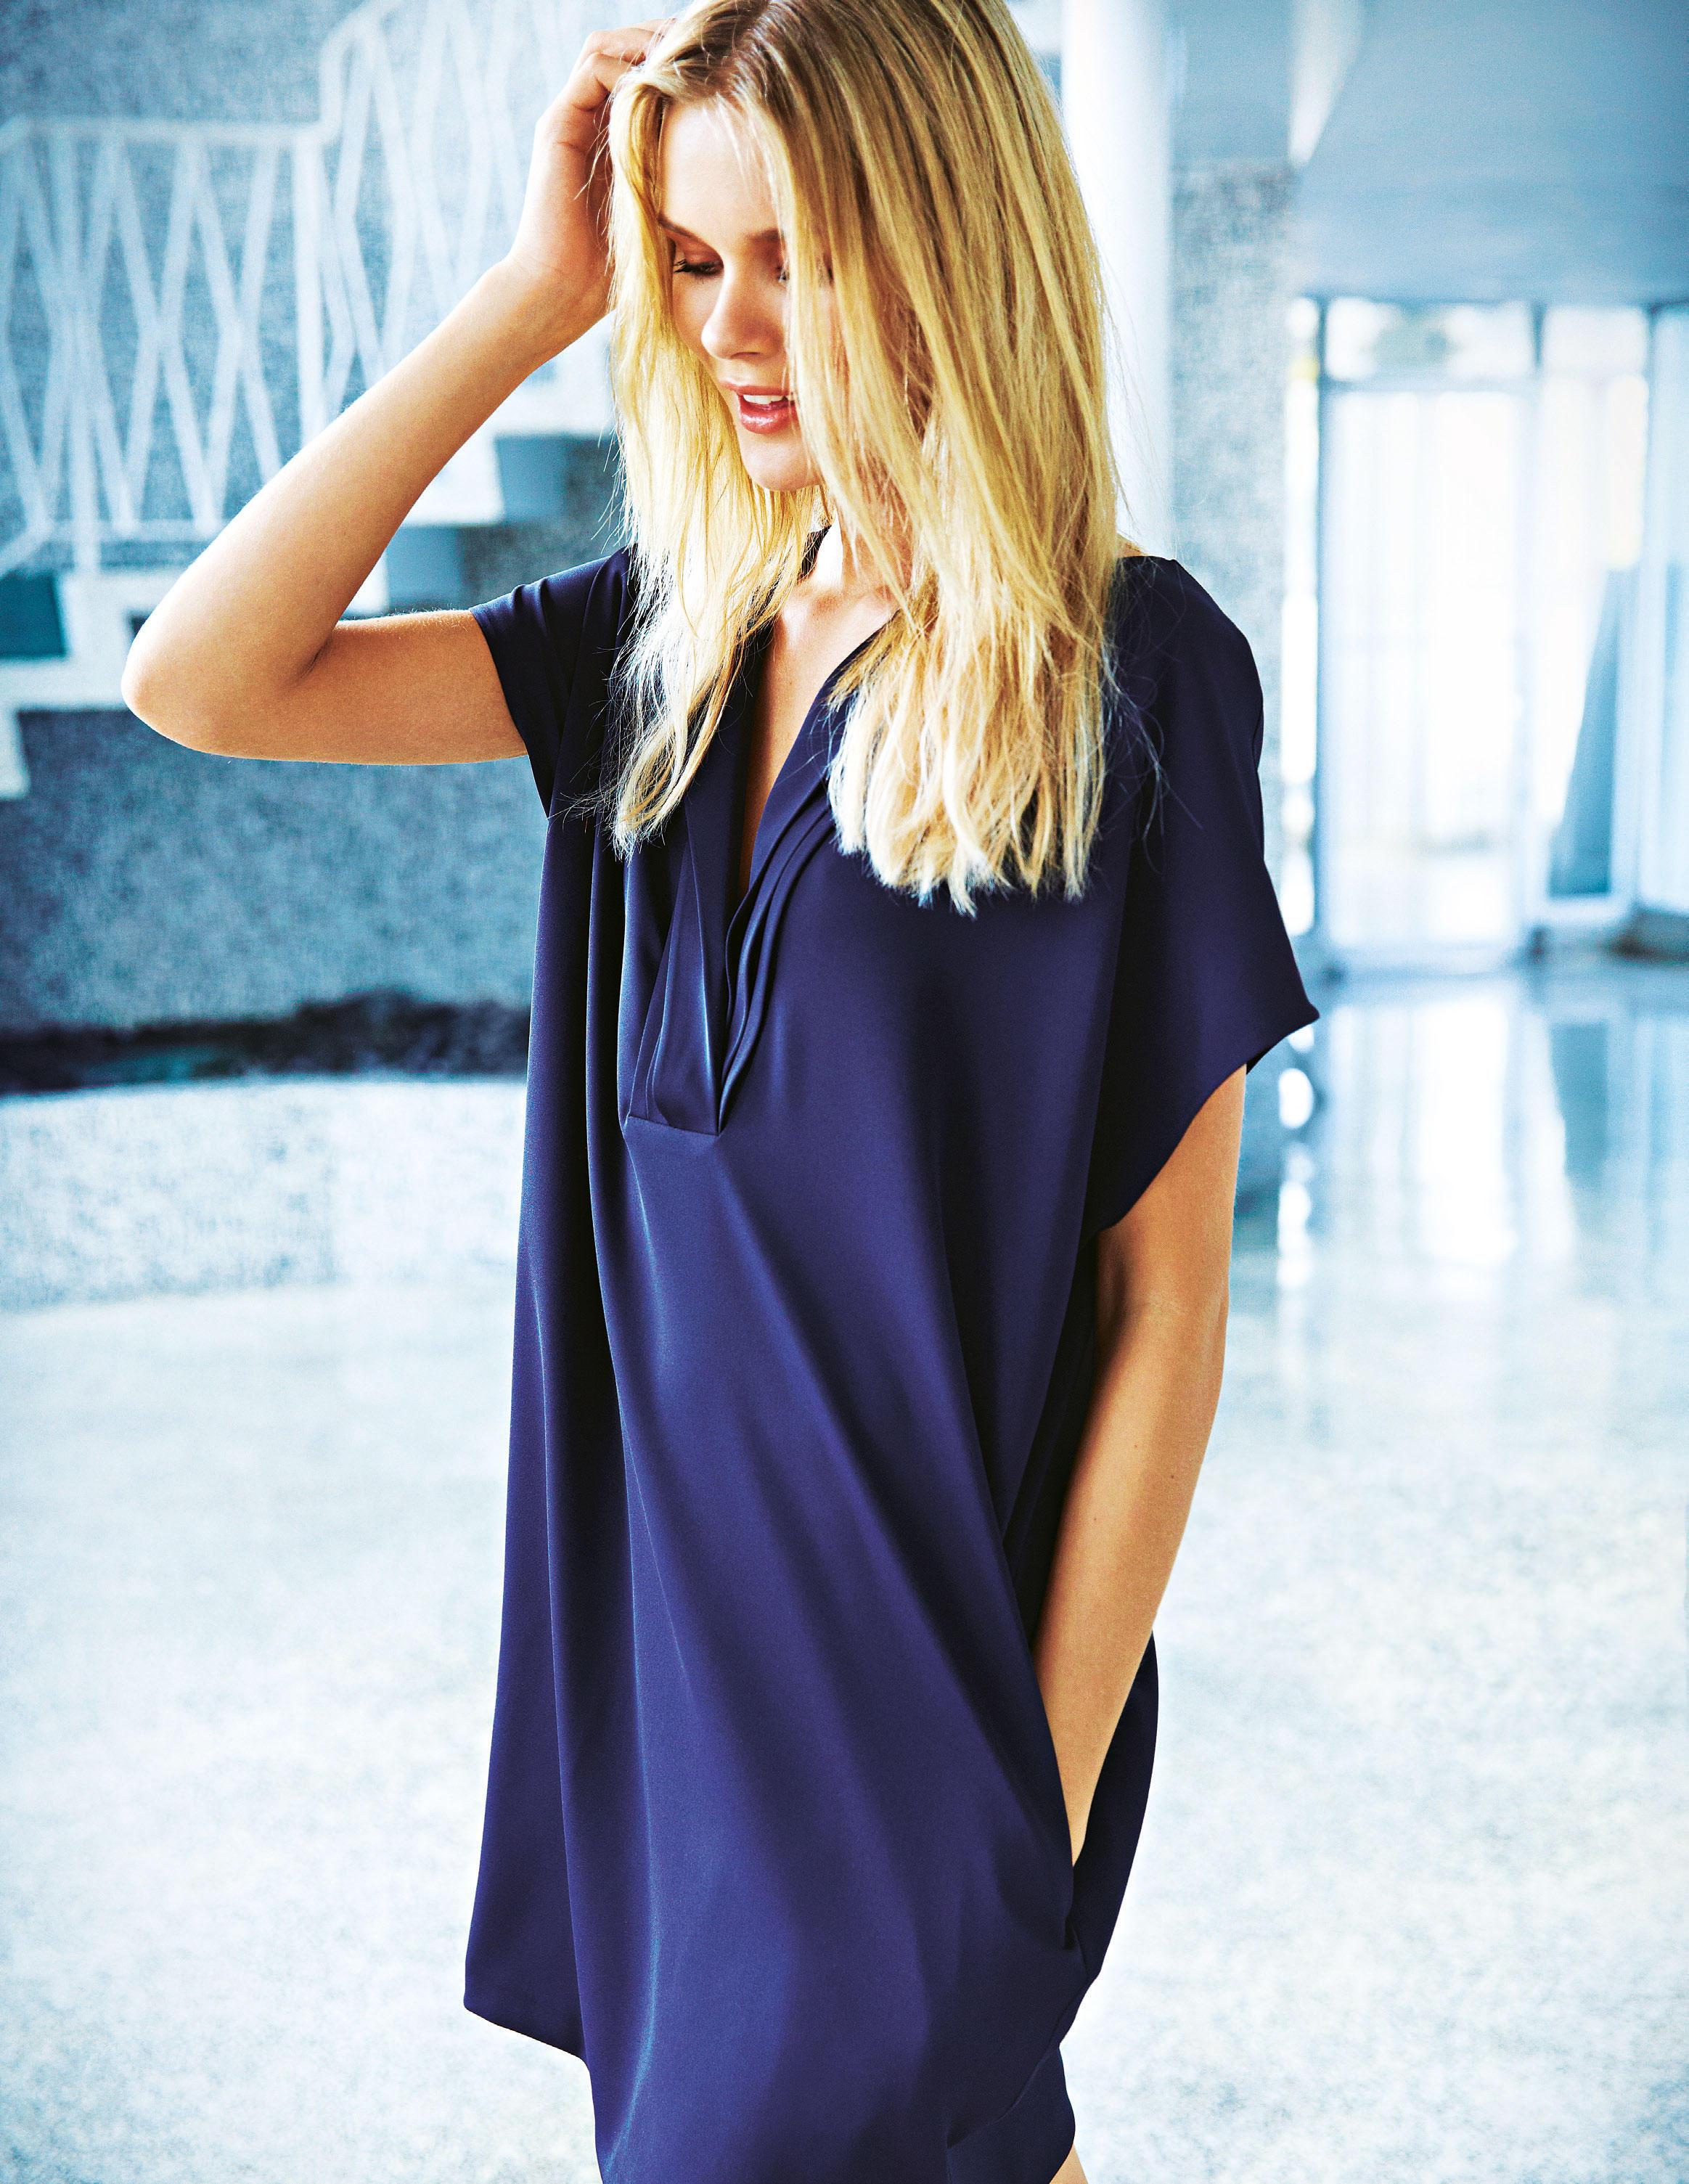 Selbermachen: Sommerkleider nähen - acht luftige Modelle | BRIGITTE.de